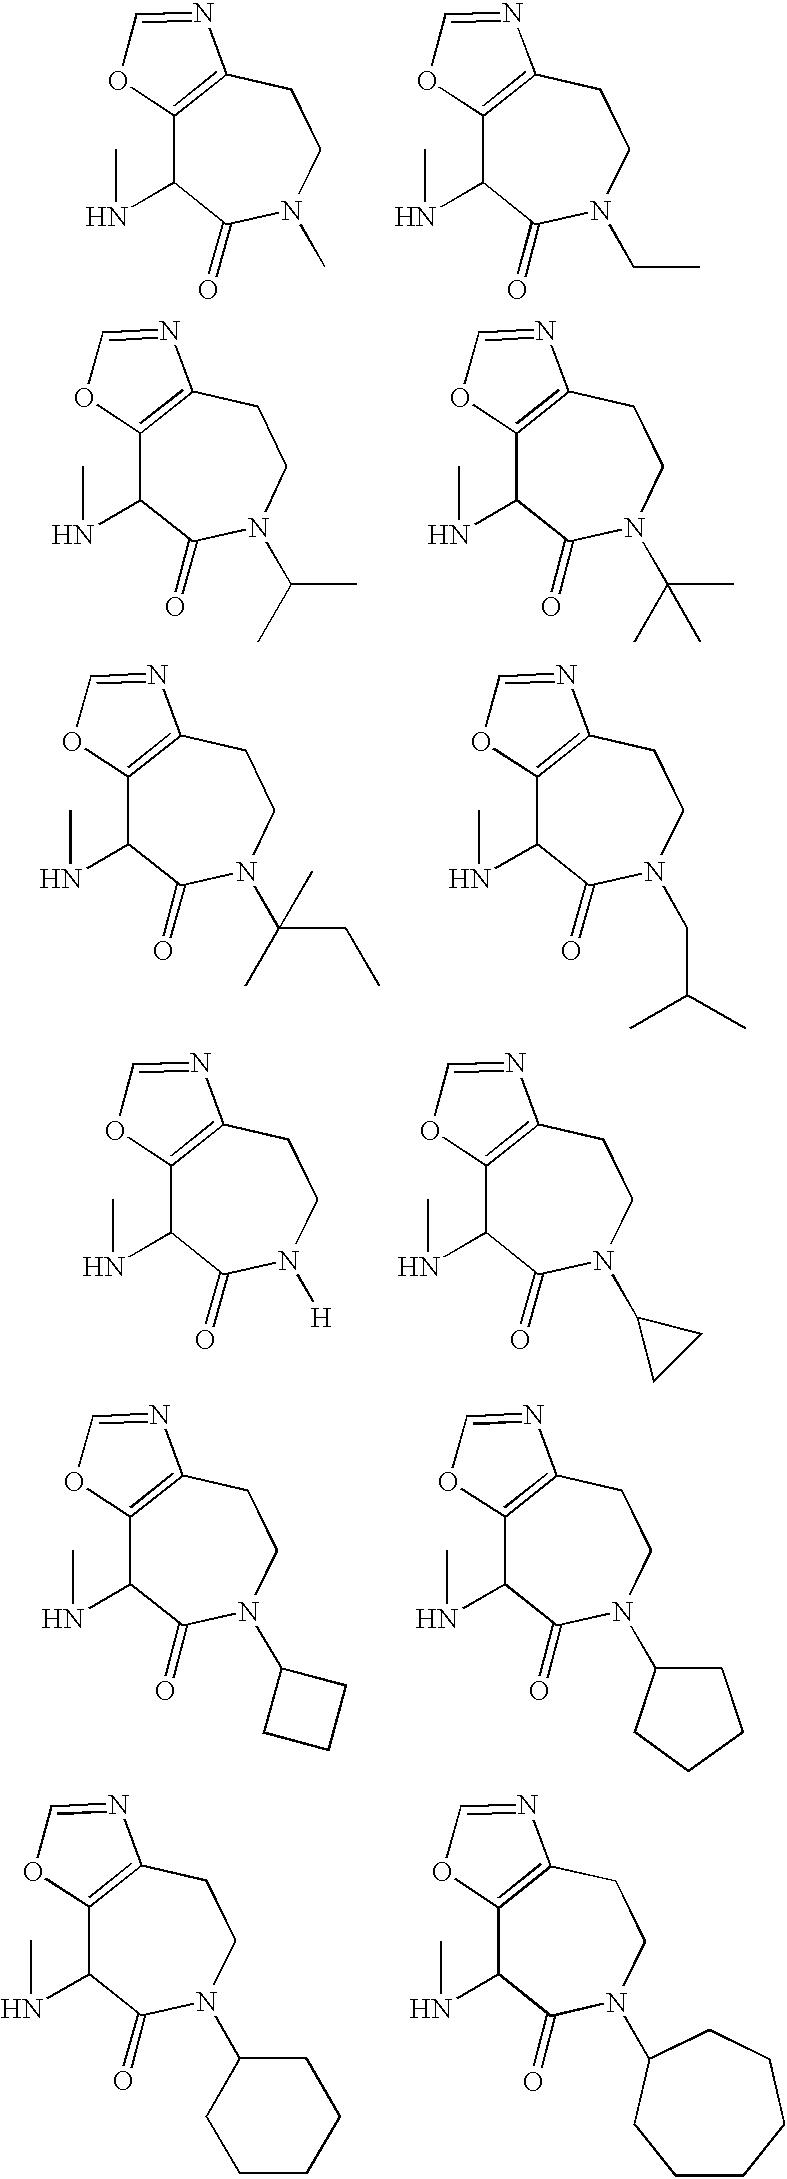 Figure US06509331-20030121-C00070